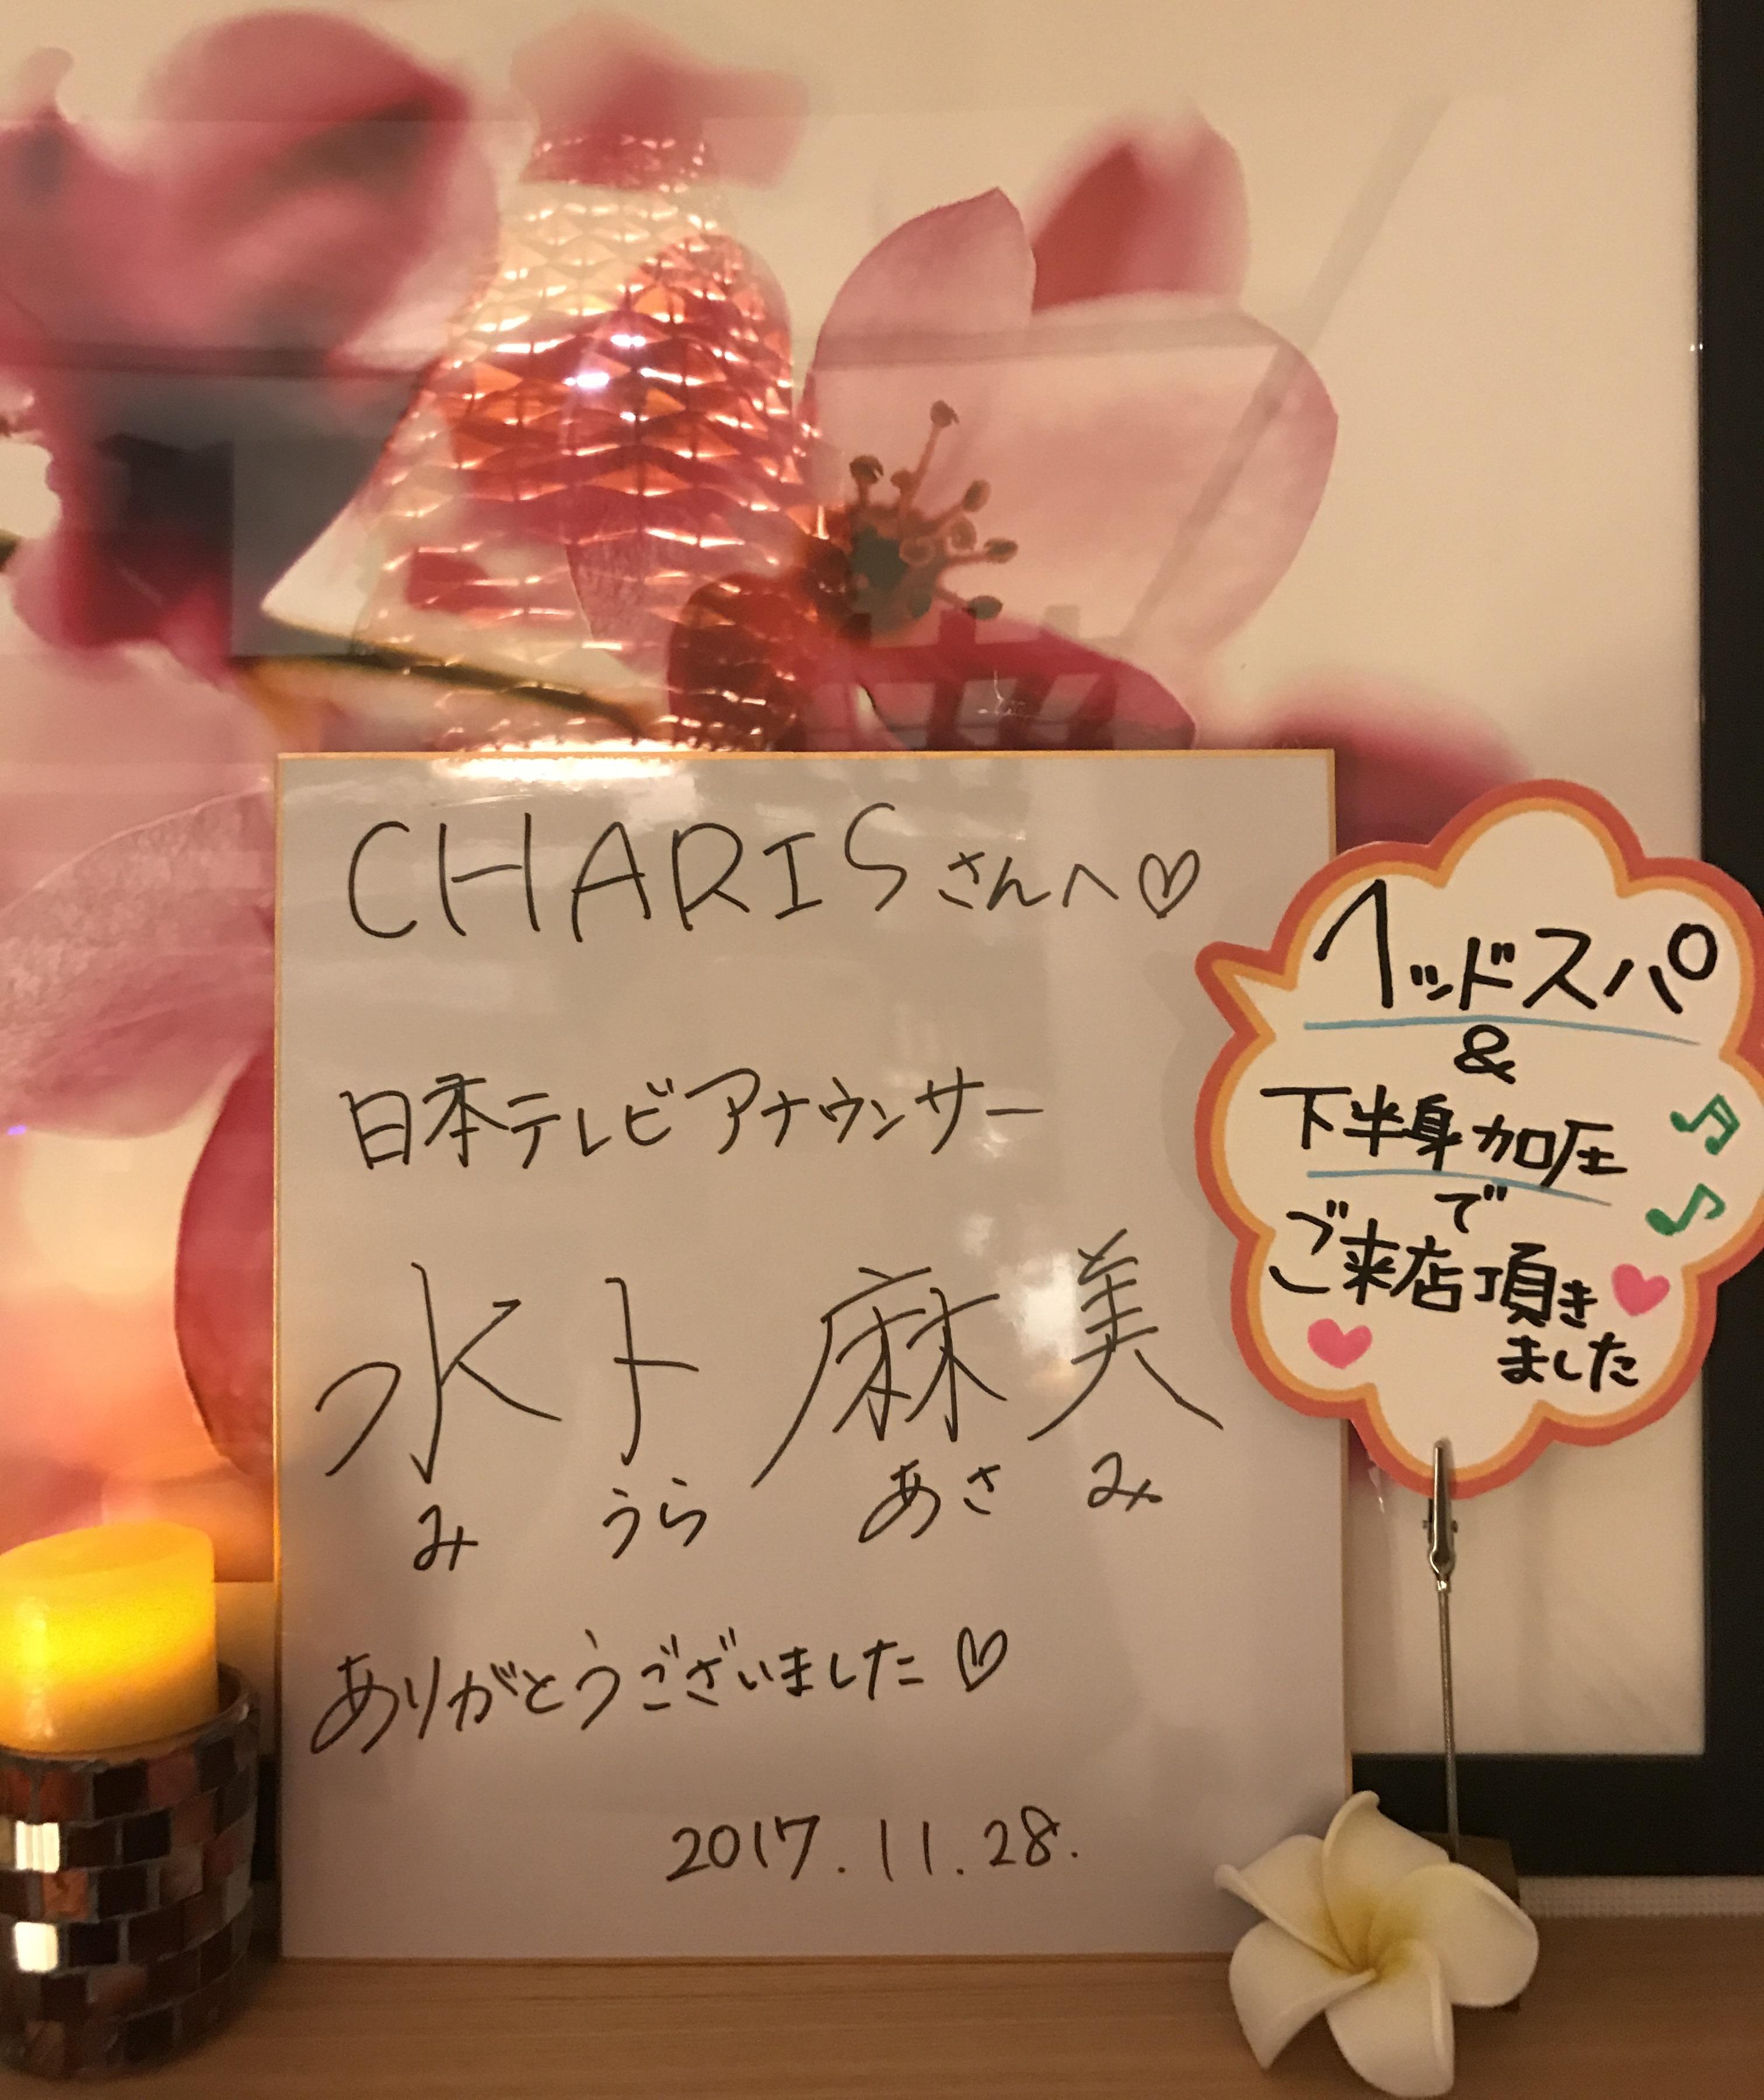 2017/11/28★水卜麻美さんがプライベートでお疲れを取りに ご来店頂きました〜(^^♪